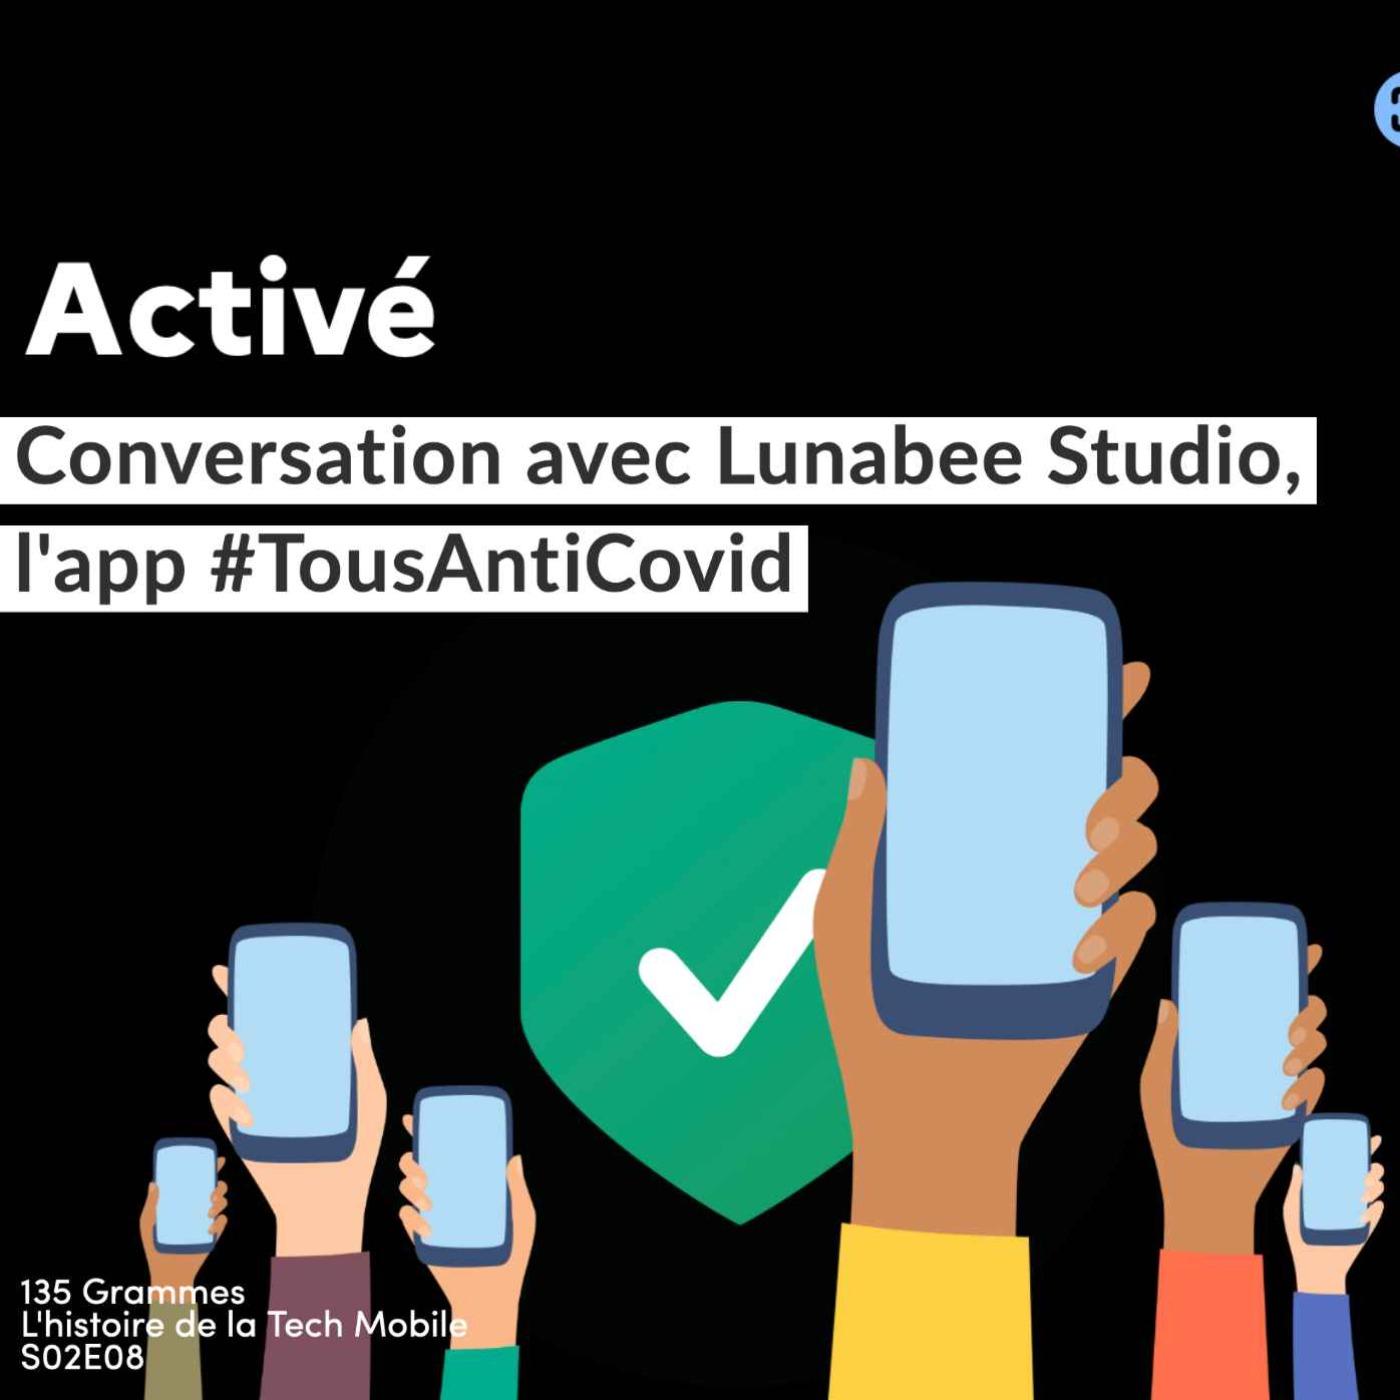 Conversation avec Lunabee Studio, l'app TousAntiCovid